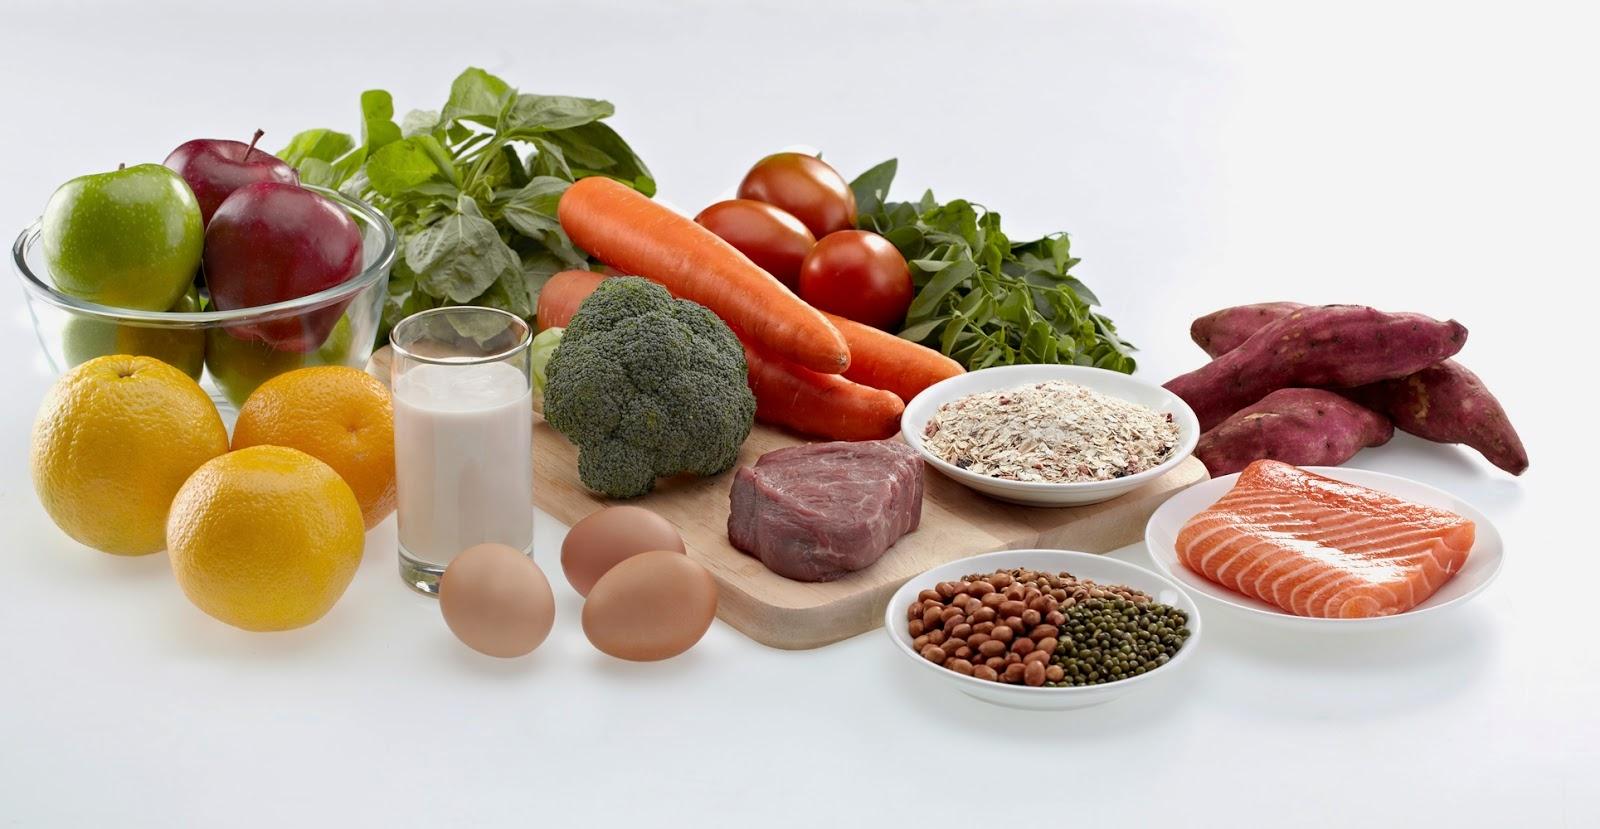 Daftar Menu Diet Sehat Sehari-hari